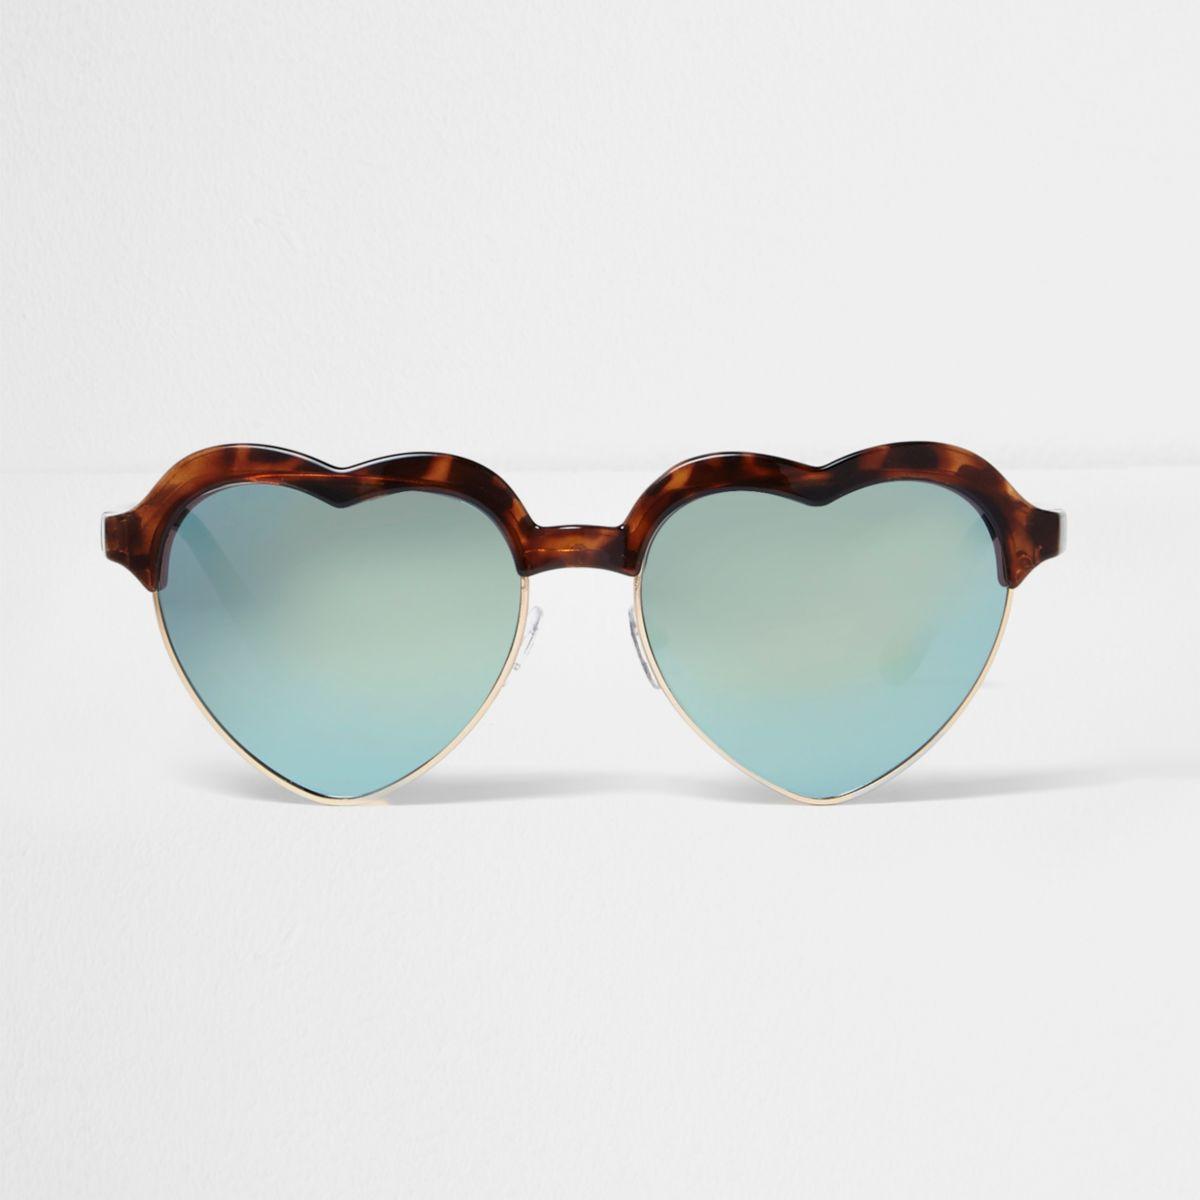 Brown tortoiseshell mirror heart sunglasses